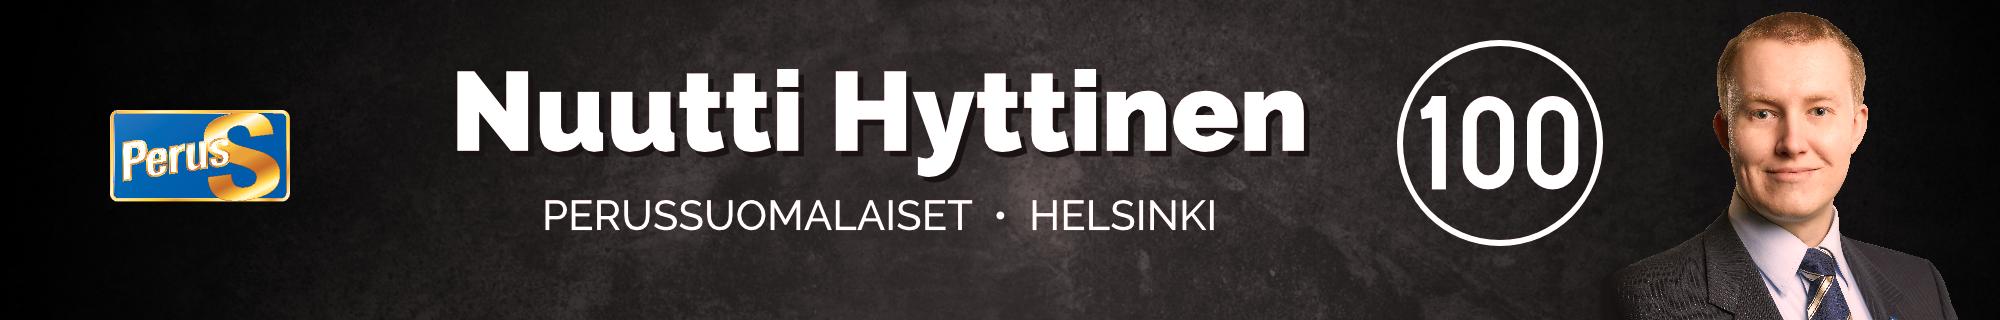 Nuutti Hyttinen | Perussuomalaiset | Helsinki